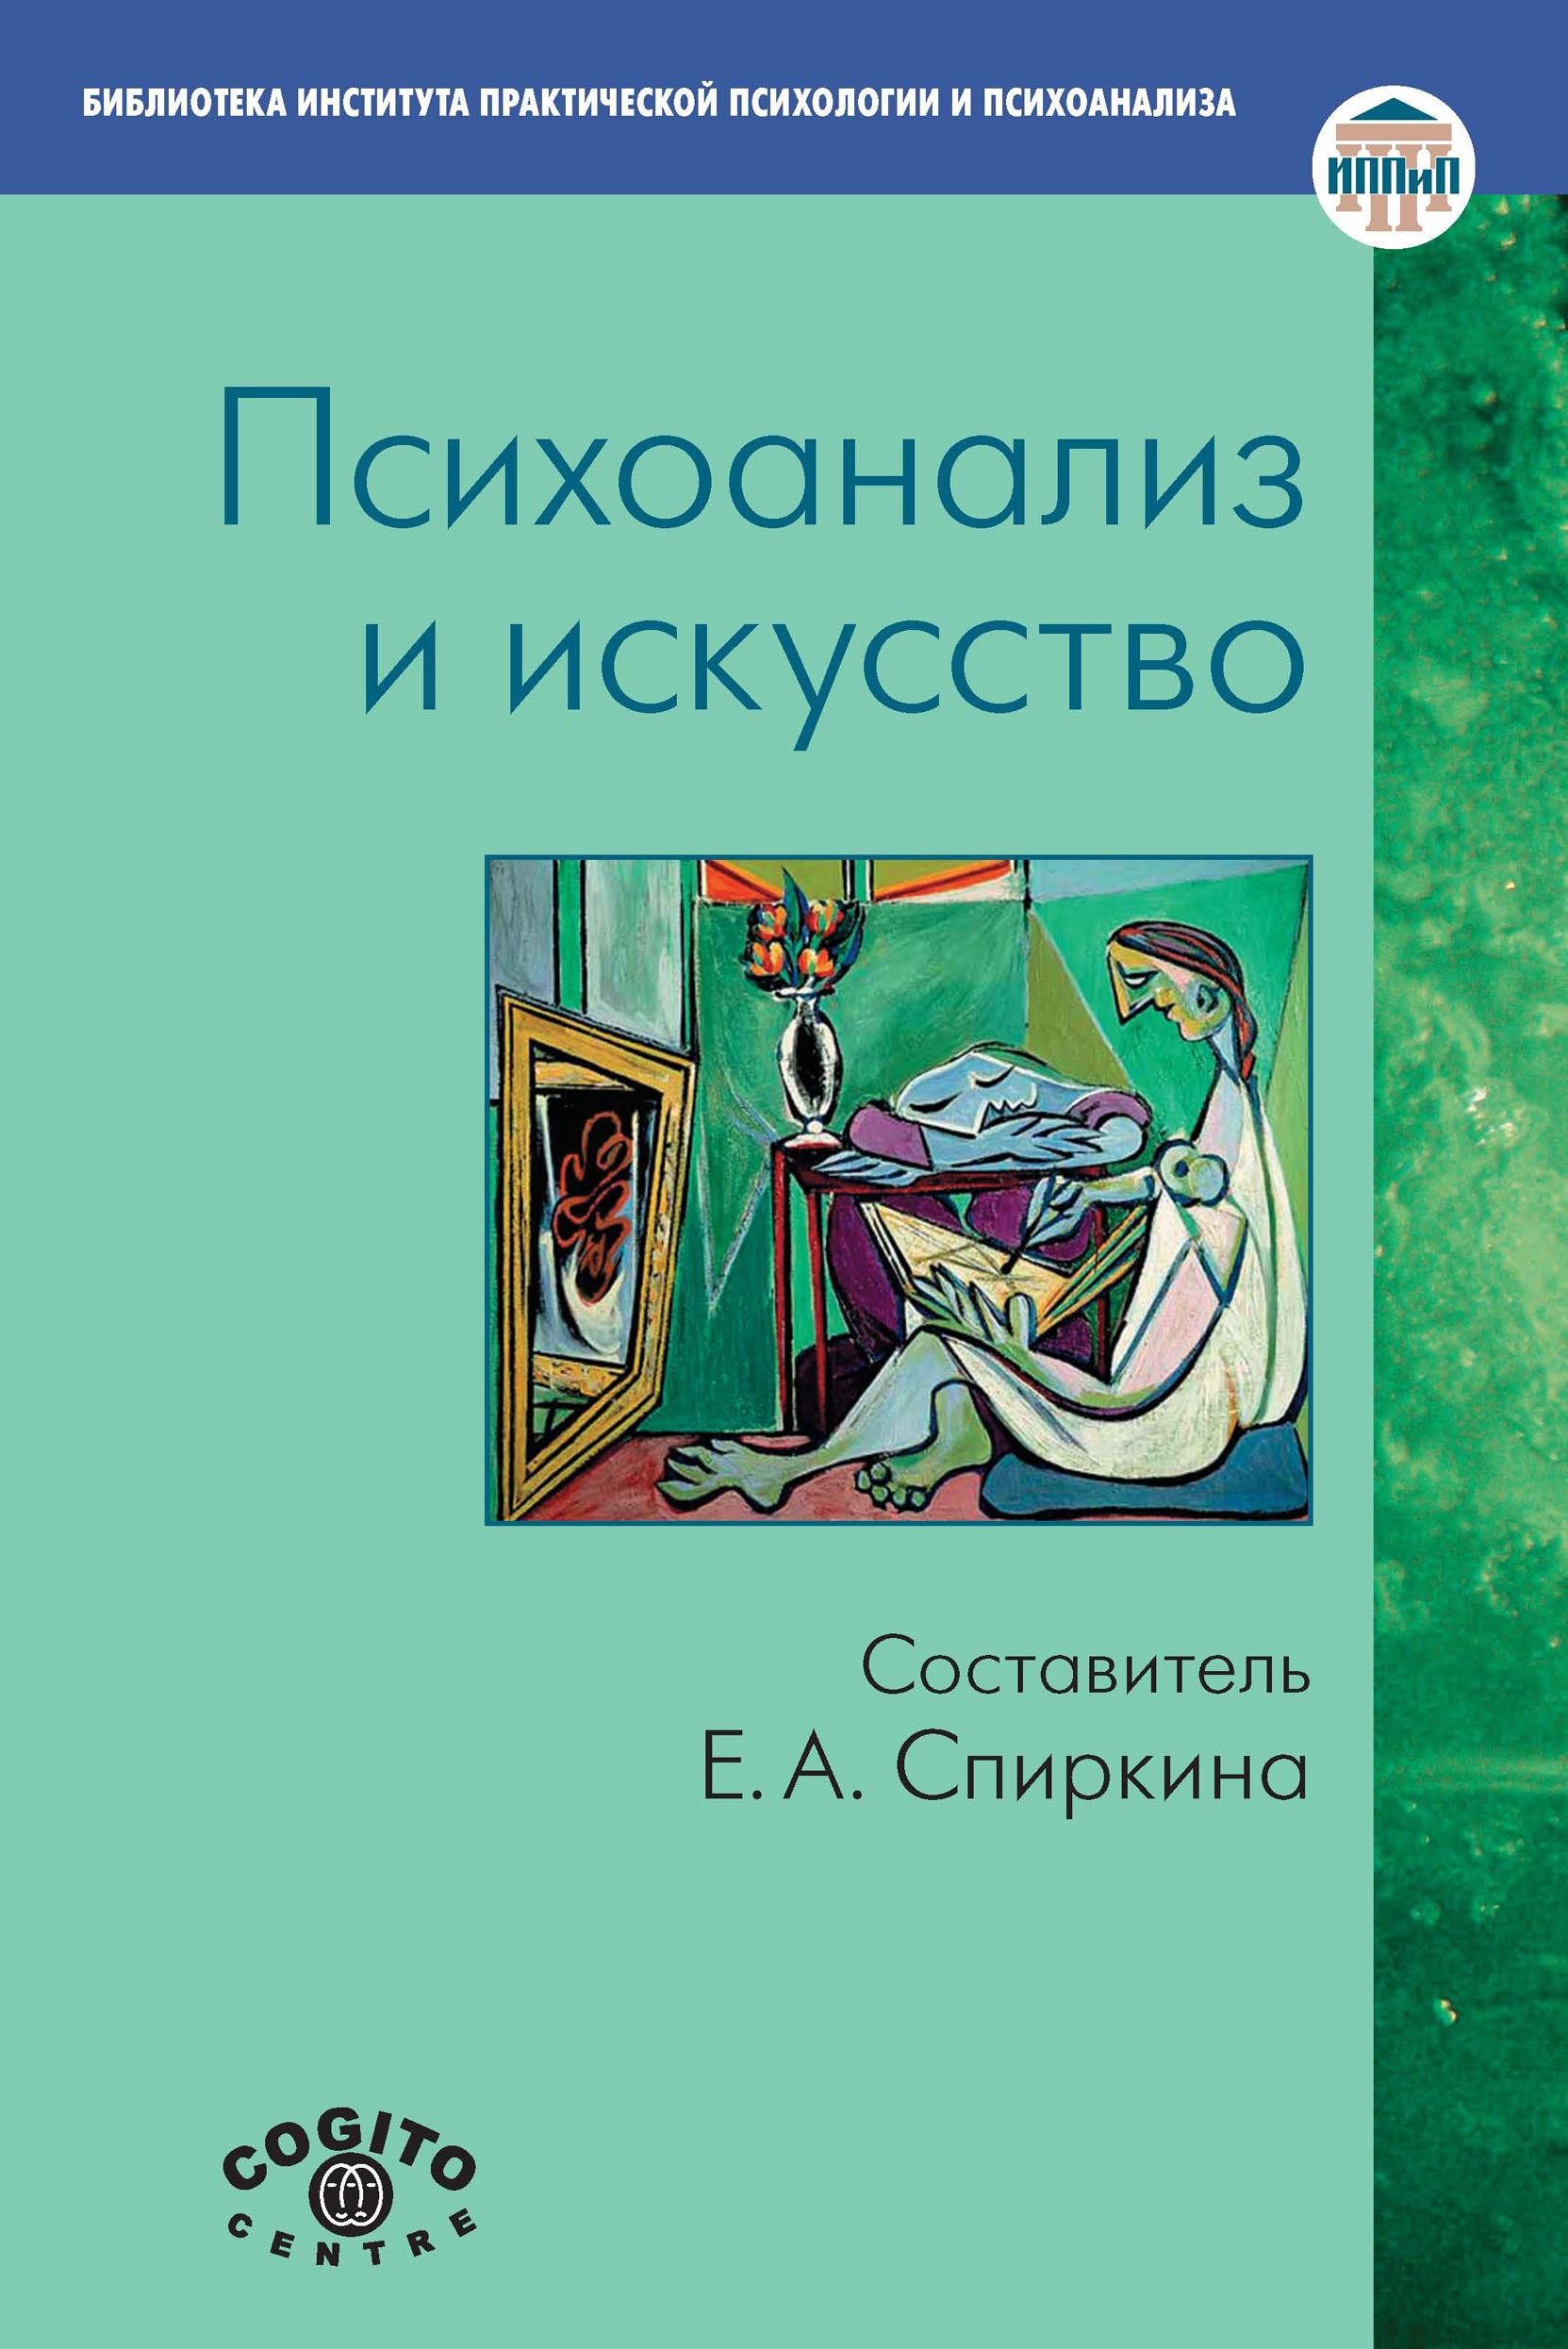 Коллектив авторов Психоанализ и искусство широта и долгота